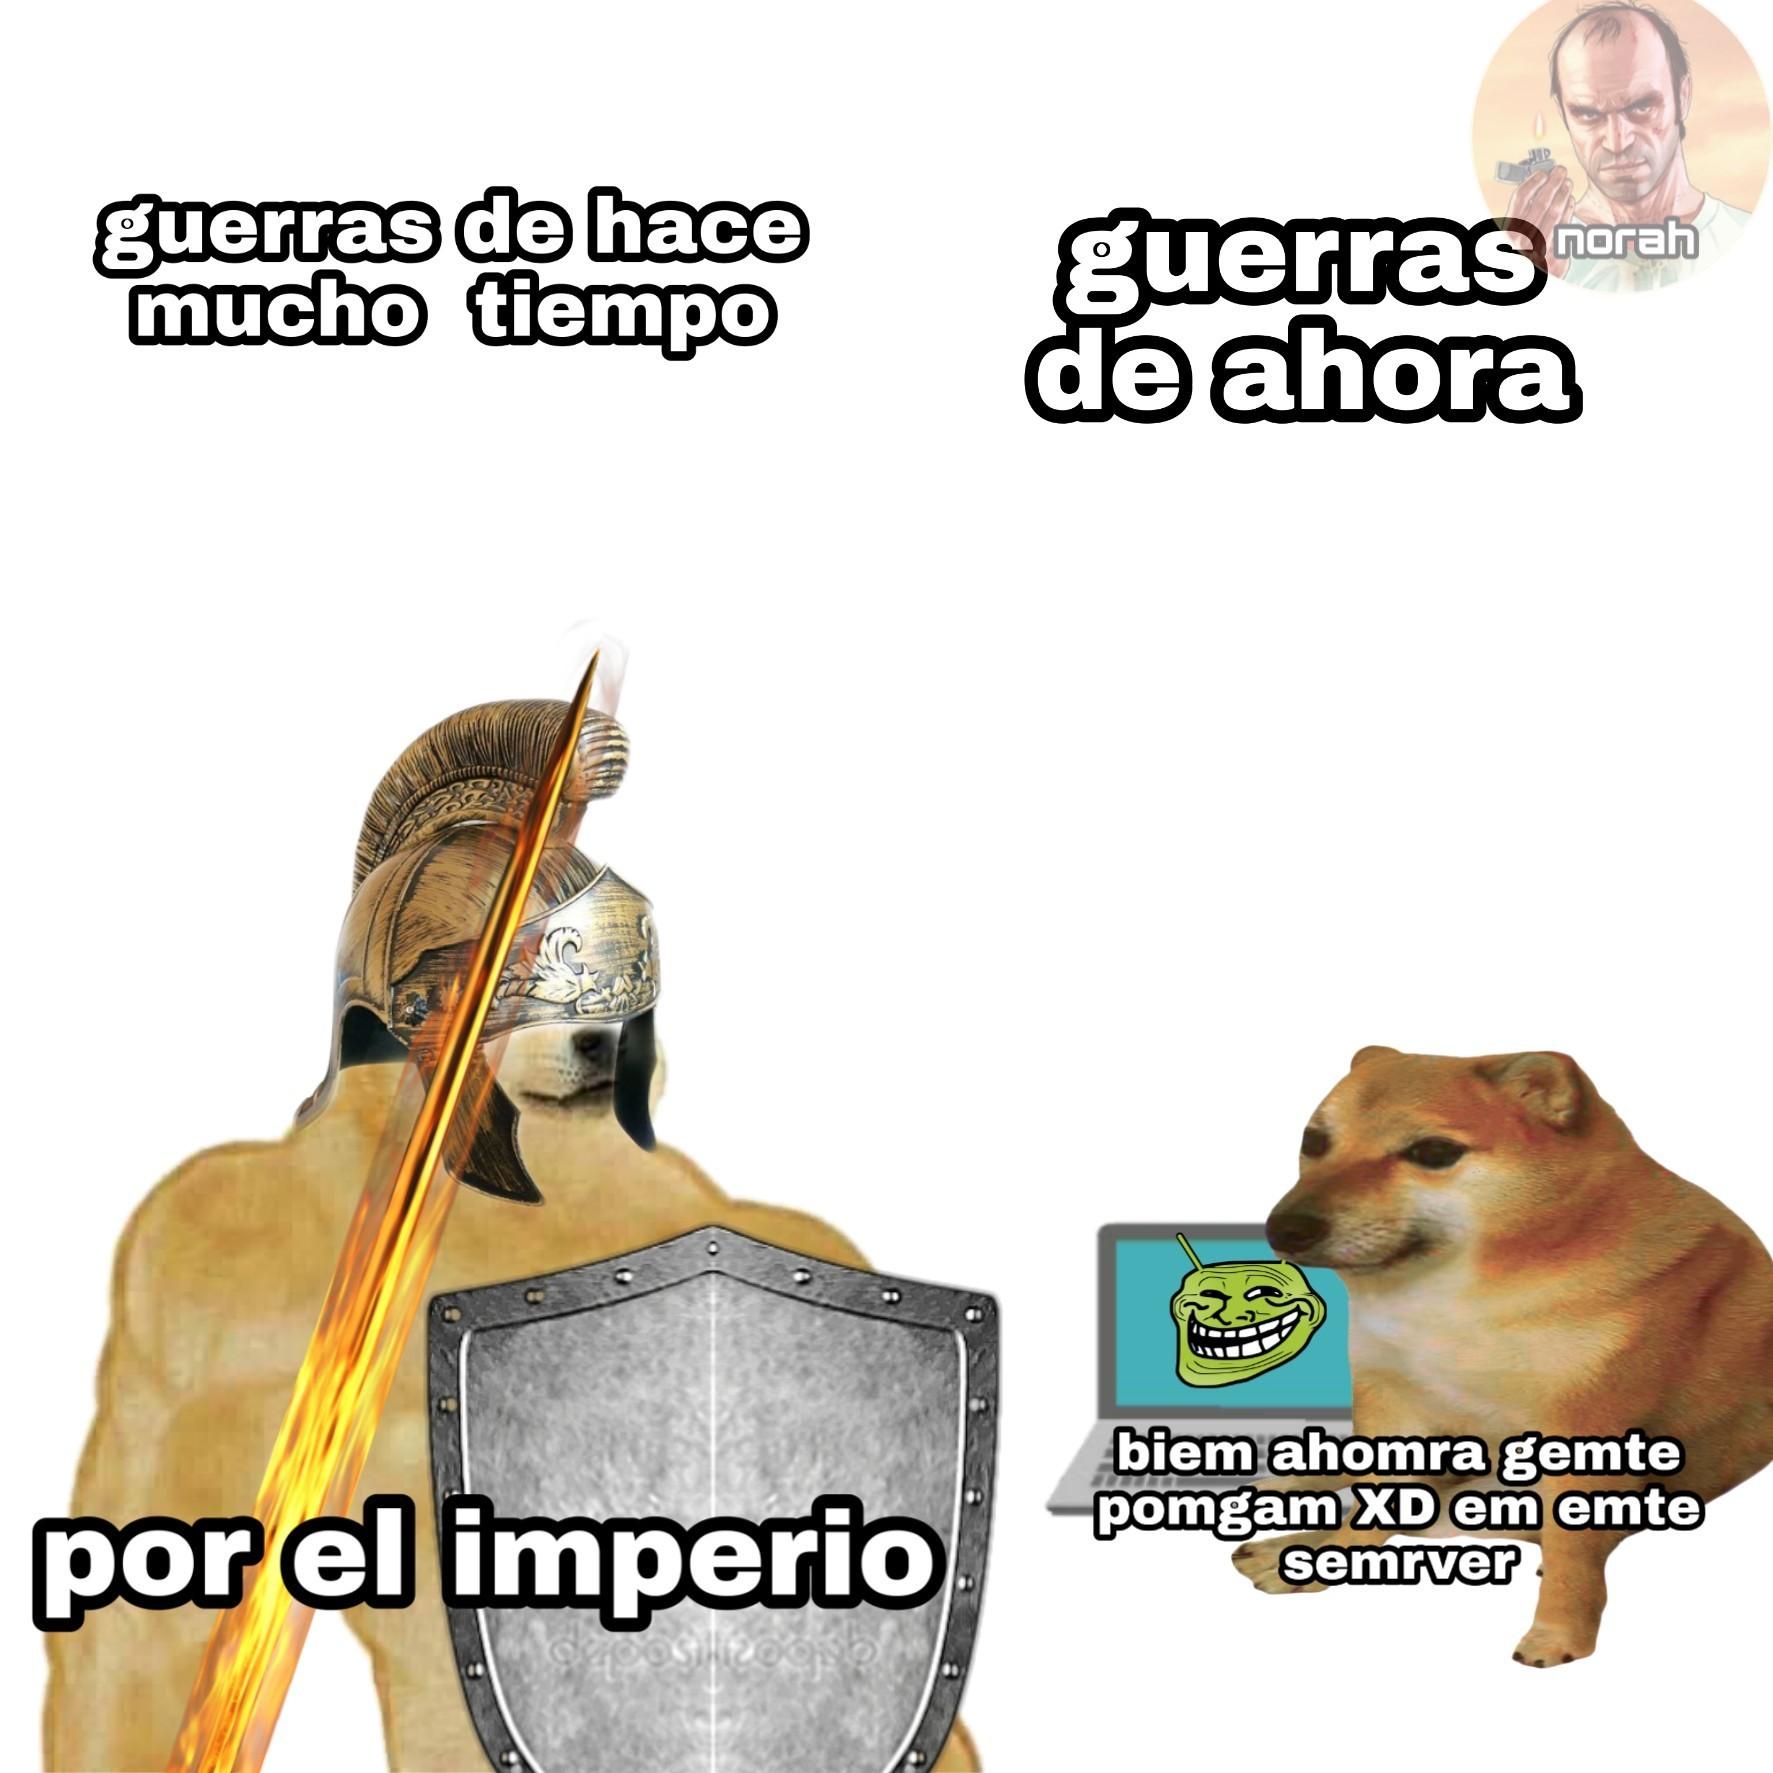 FRESKO - meme